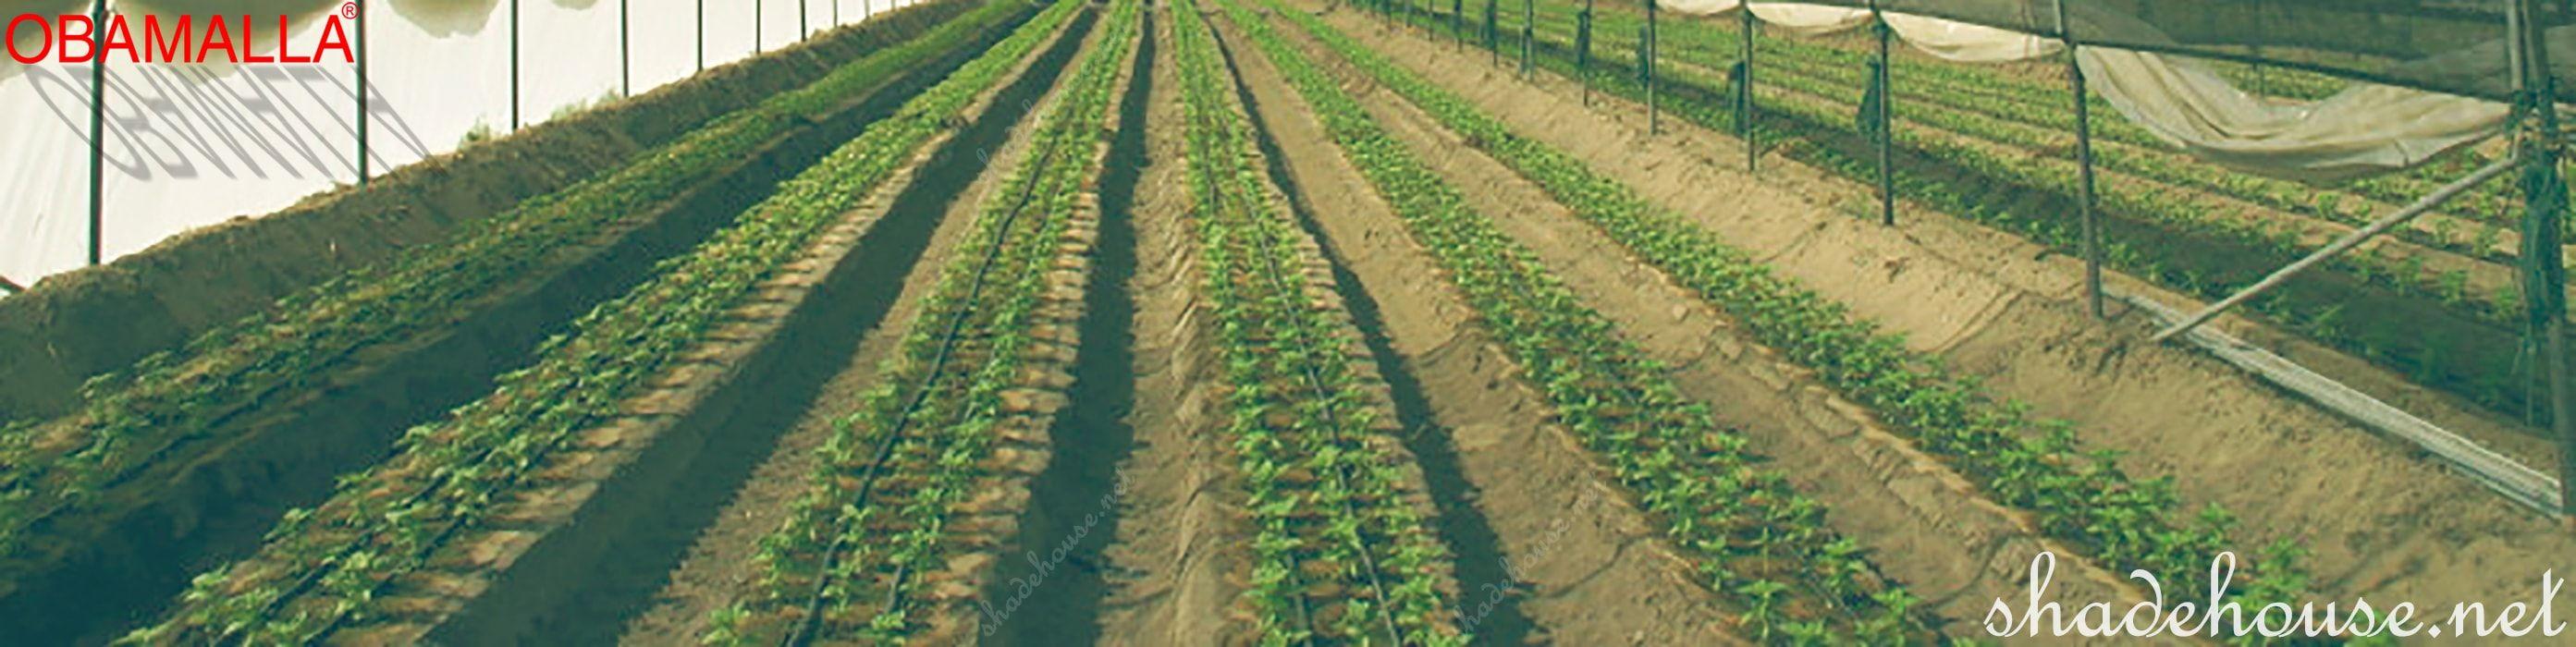 raschel mesh taking care crops field.